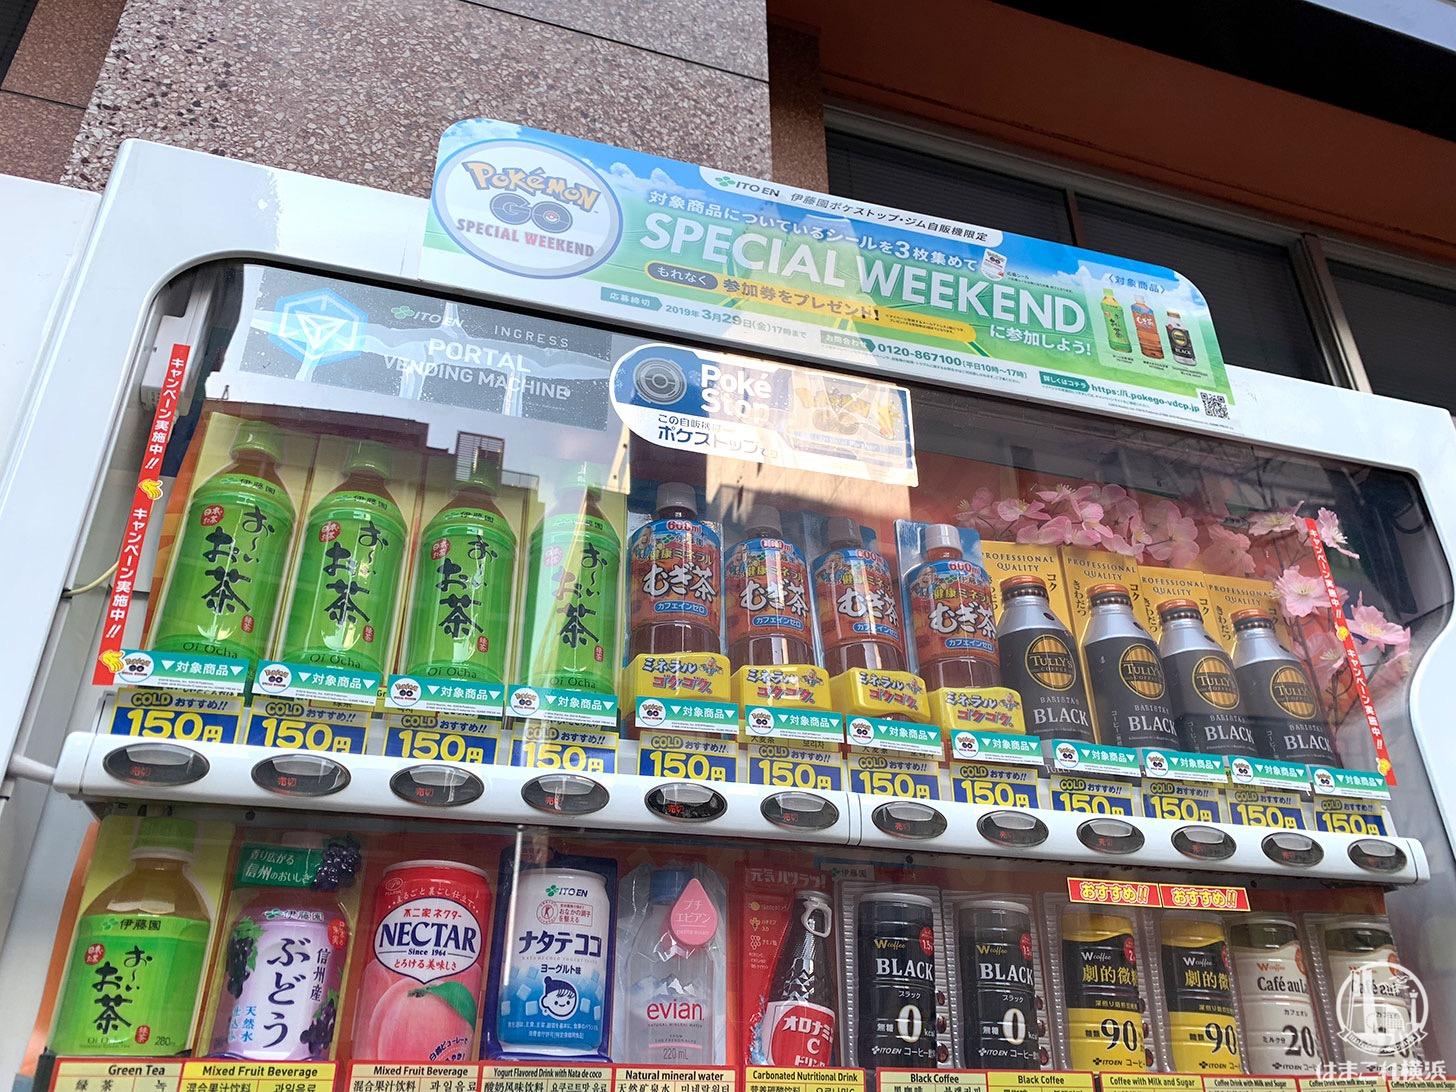 日本郵船歴史博物館近くの自販機